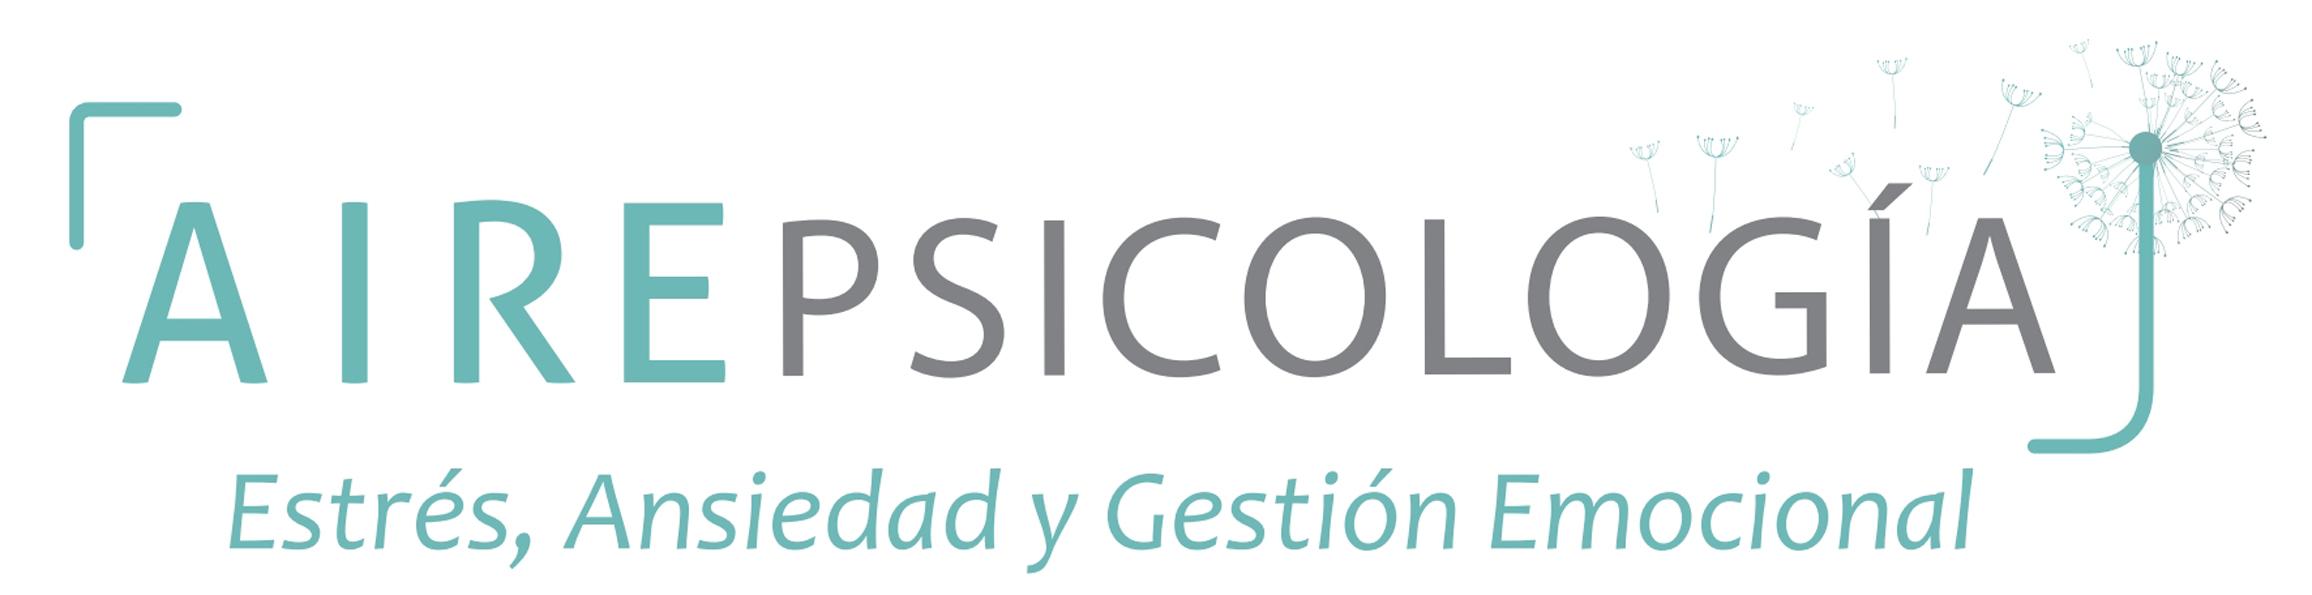 Psicologos en Madrid, Barrio del Pilar | AIRE PSICOLOGIA TEL: 91 029 36 88